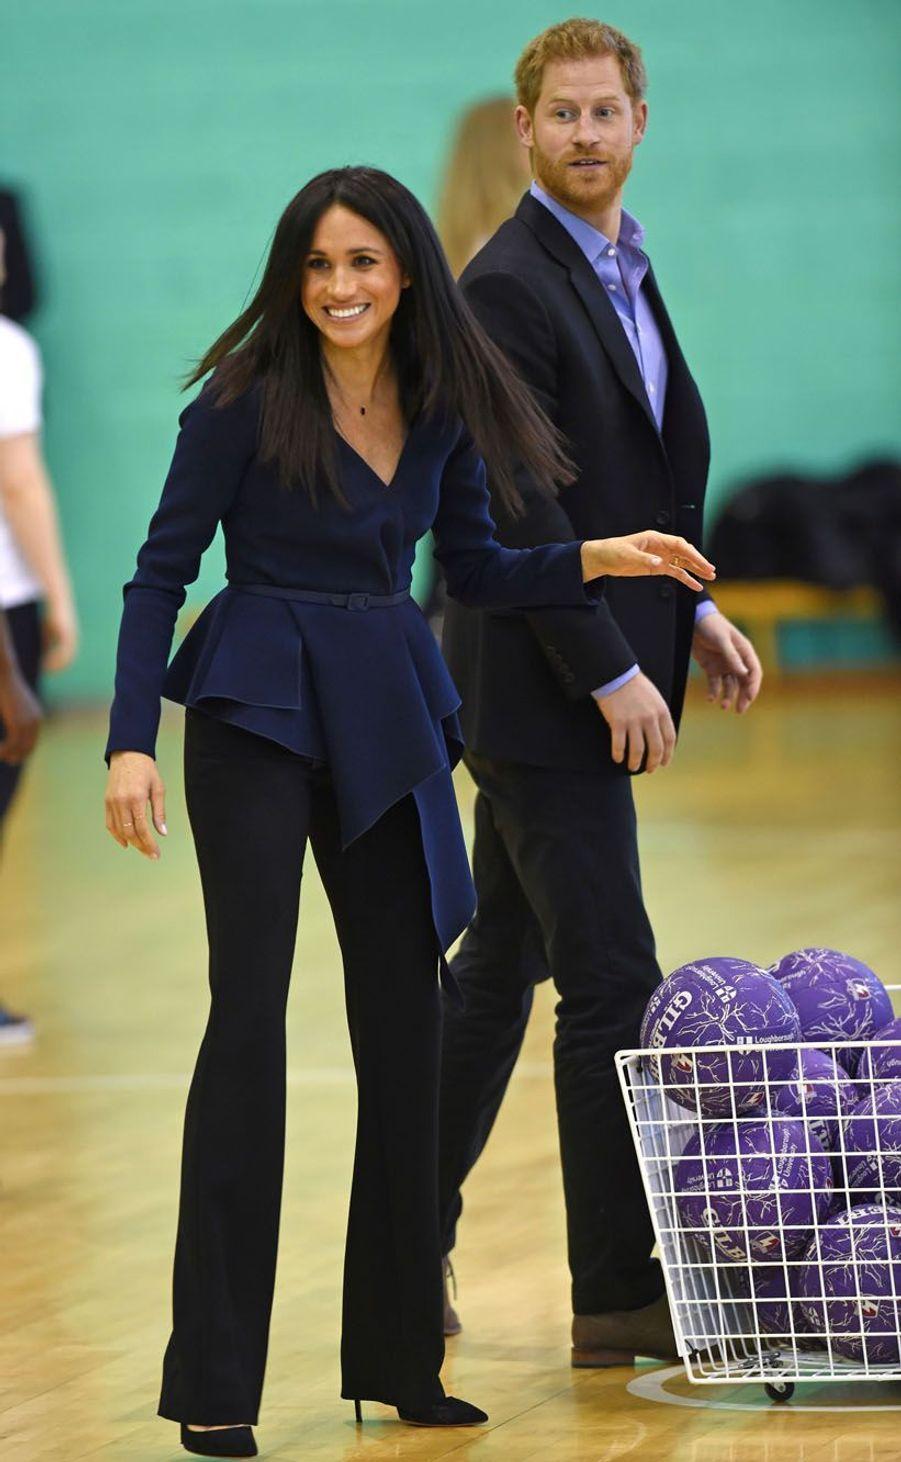 Le duc et la duchesse de Sussex se sont rendus à l'Université de Loughborough cet après-midi afin d'honorer les diplômés du programmeCoach Core de la Royal Foundation.